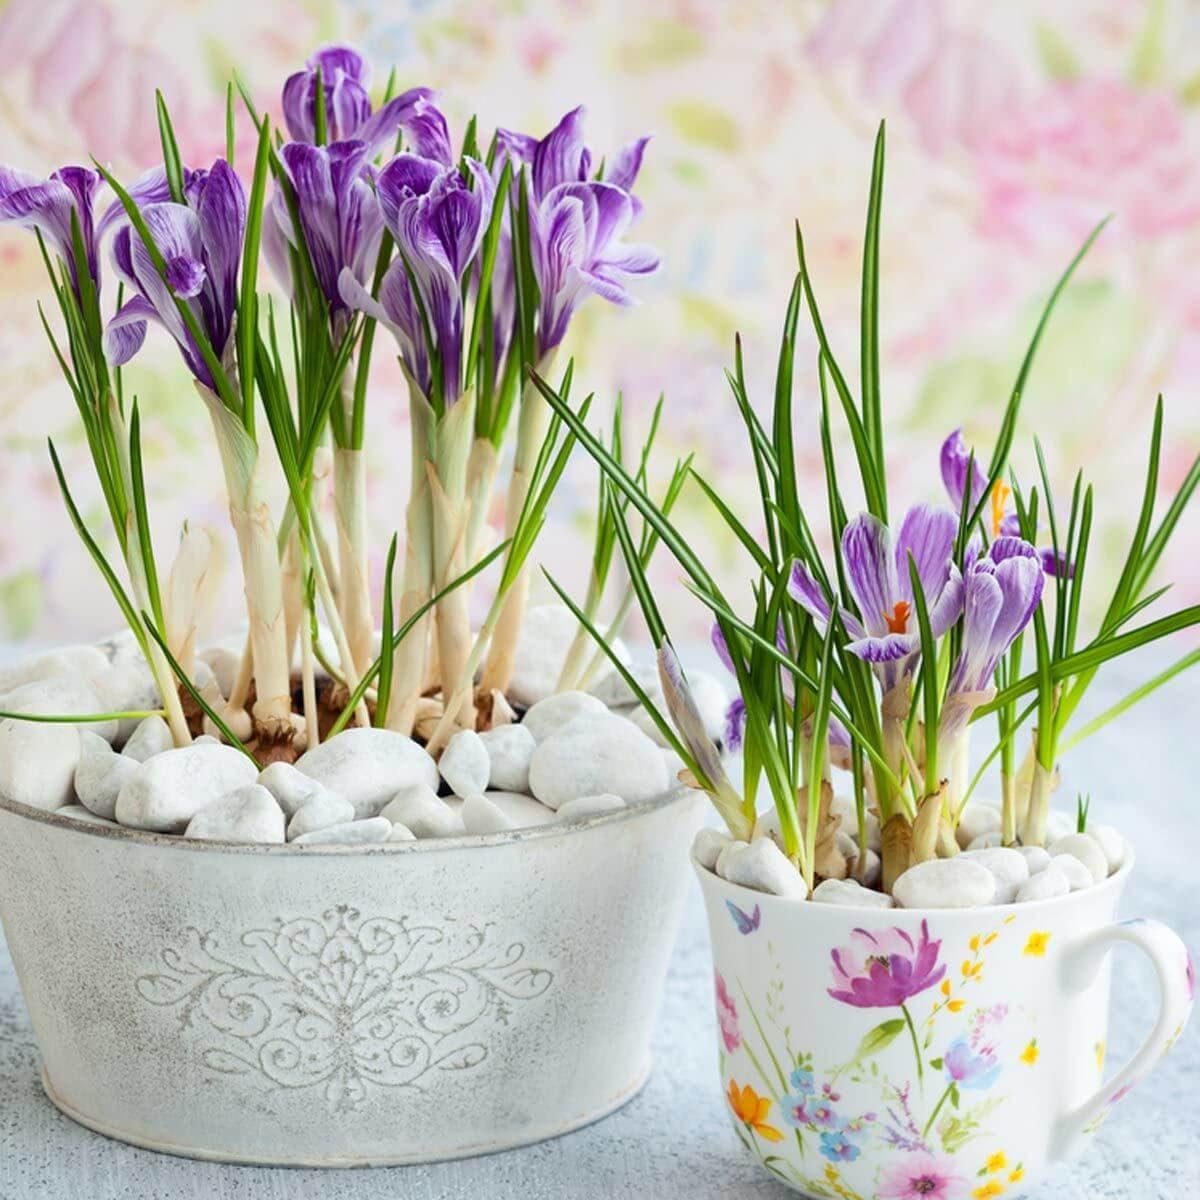 crocus purple flower